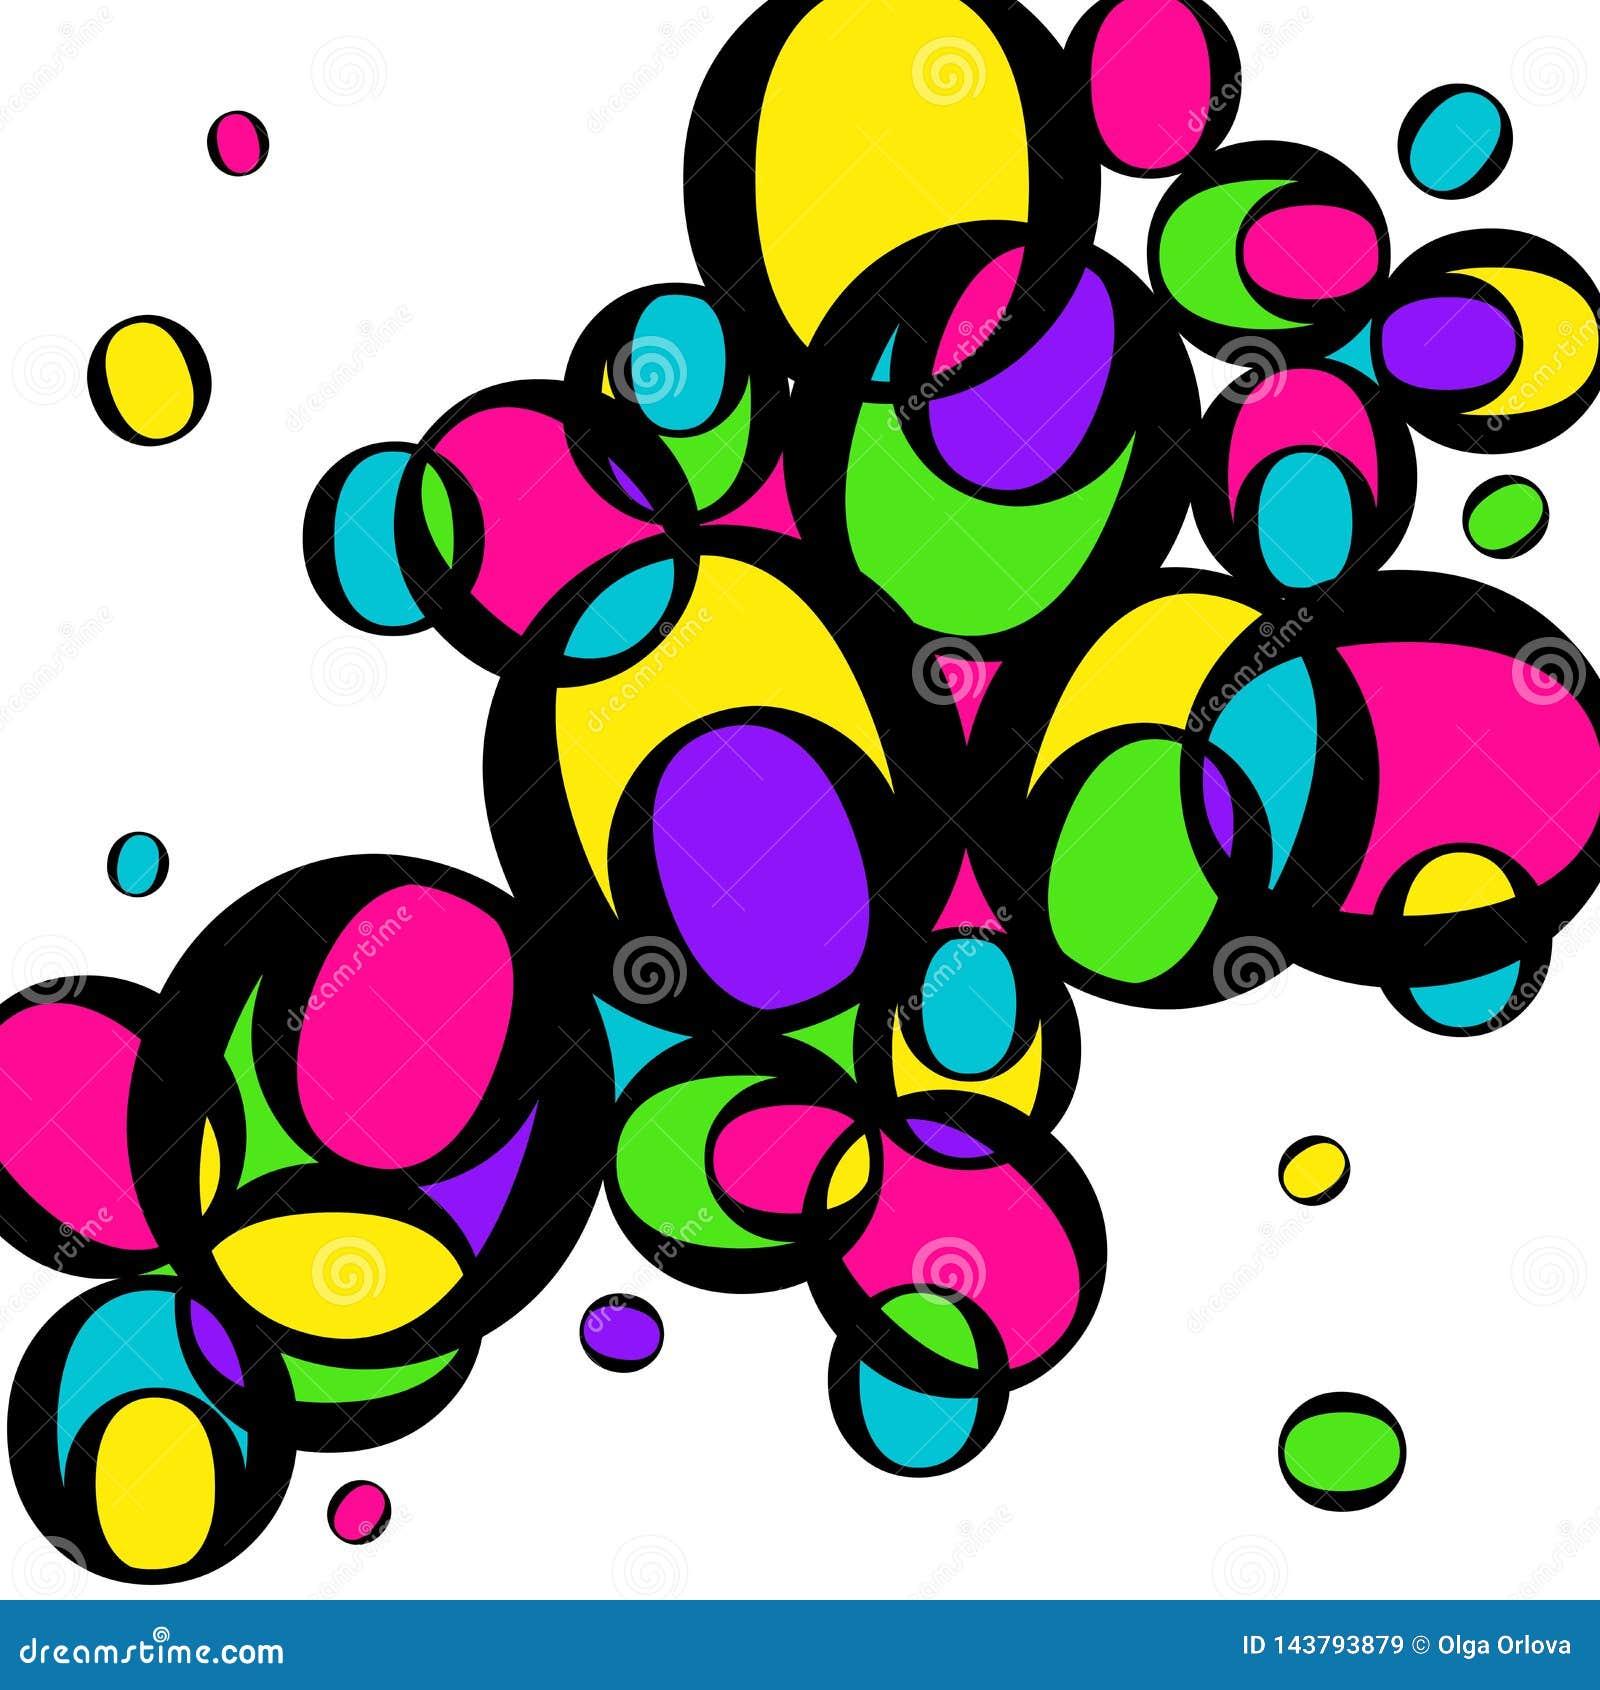 Яркие пестротканые круги Желтые, зеленые, розовые круги